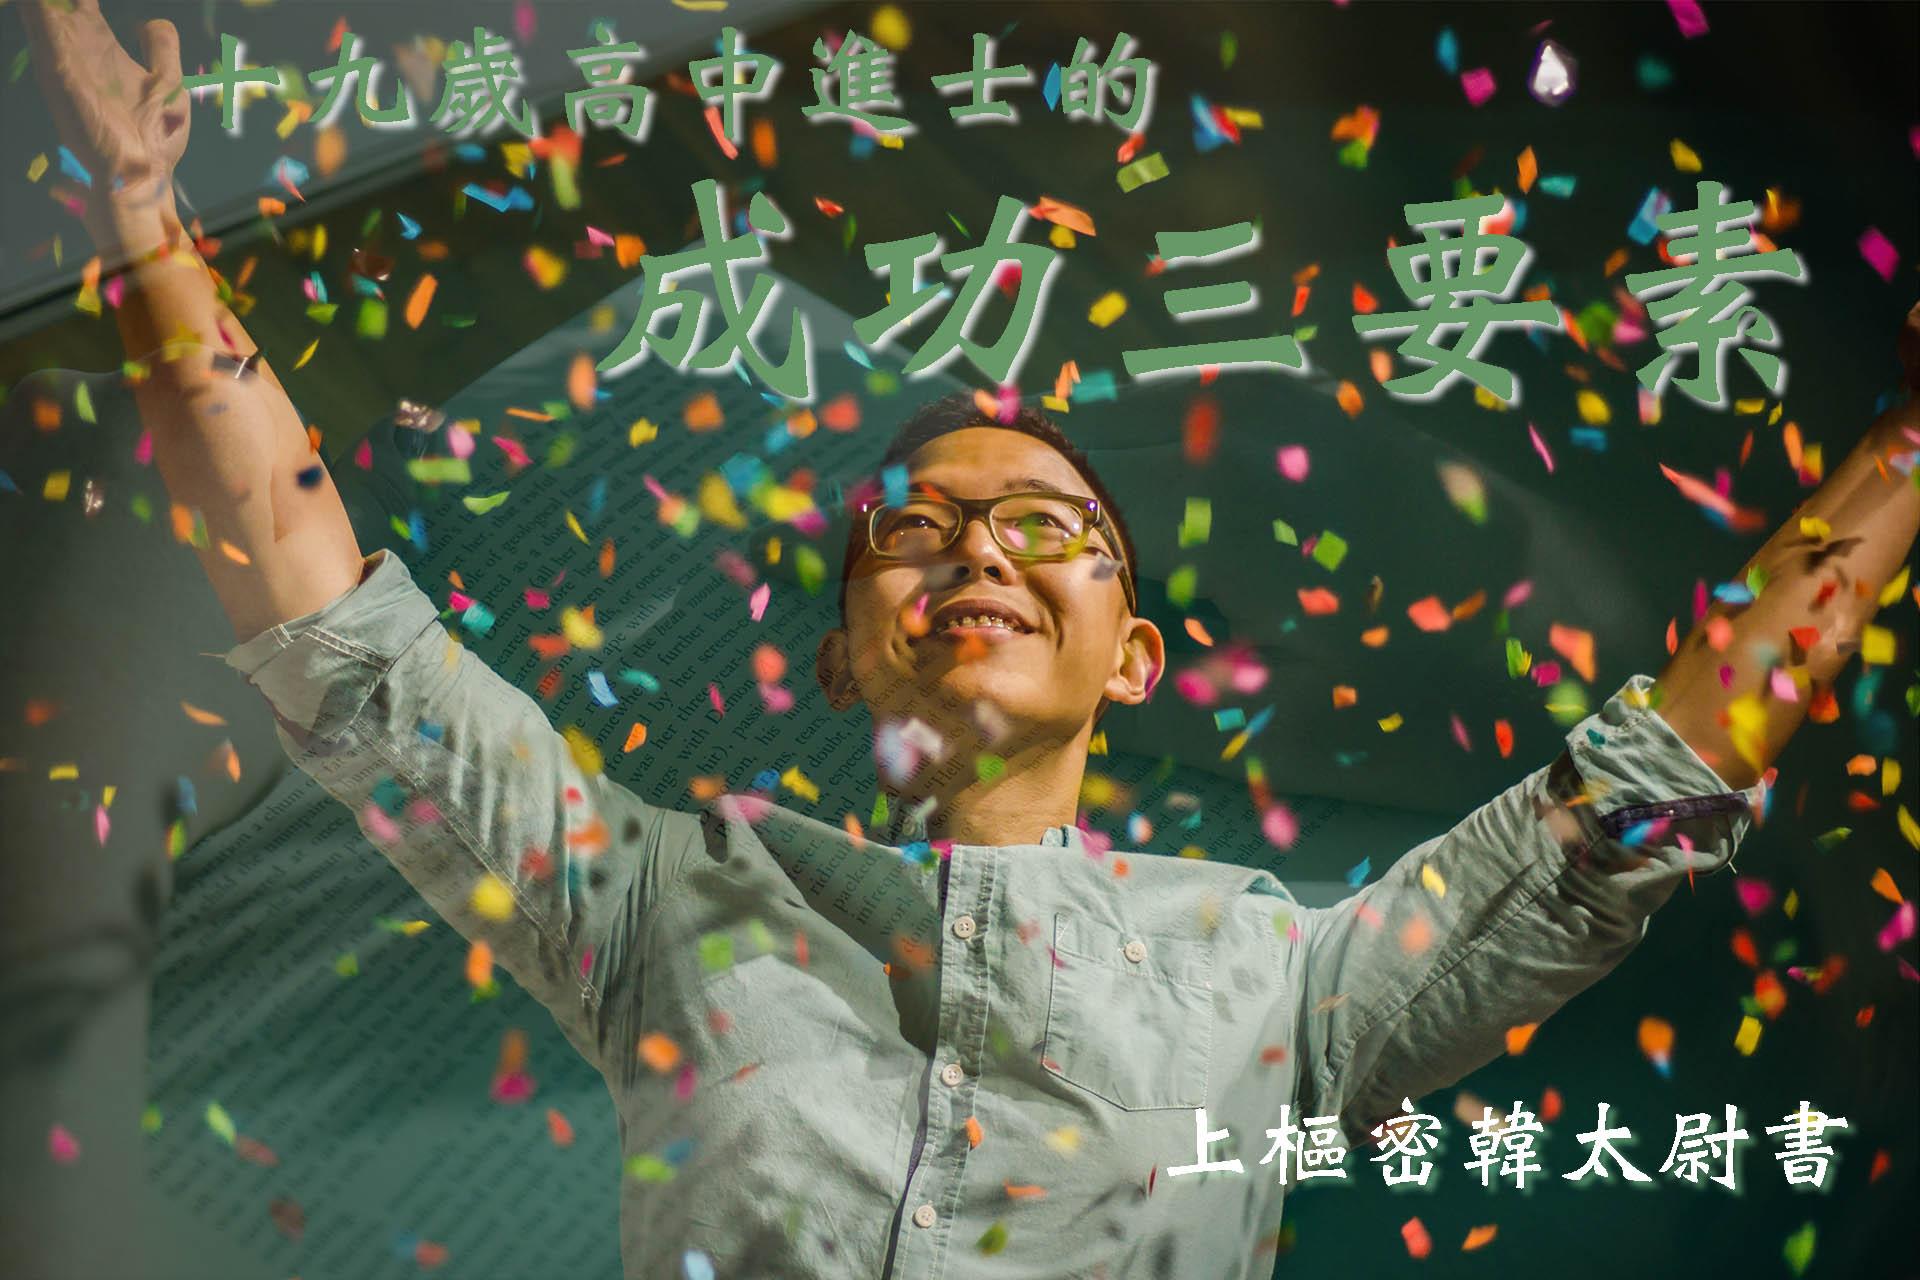 上樞密韓太尉書:蘇轍分析三個成功人物的必備條件